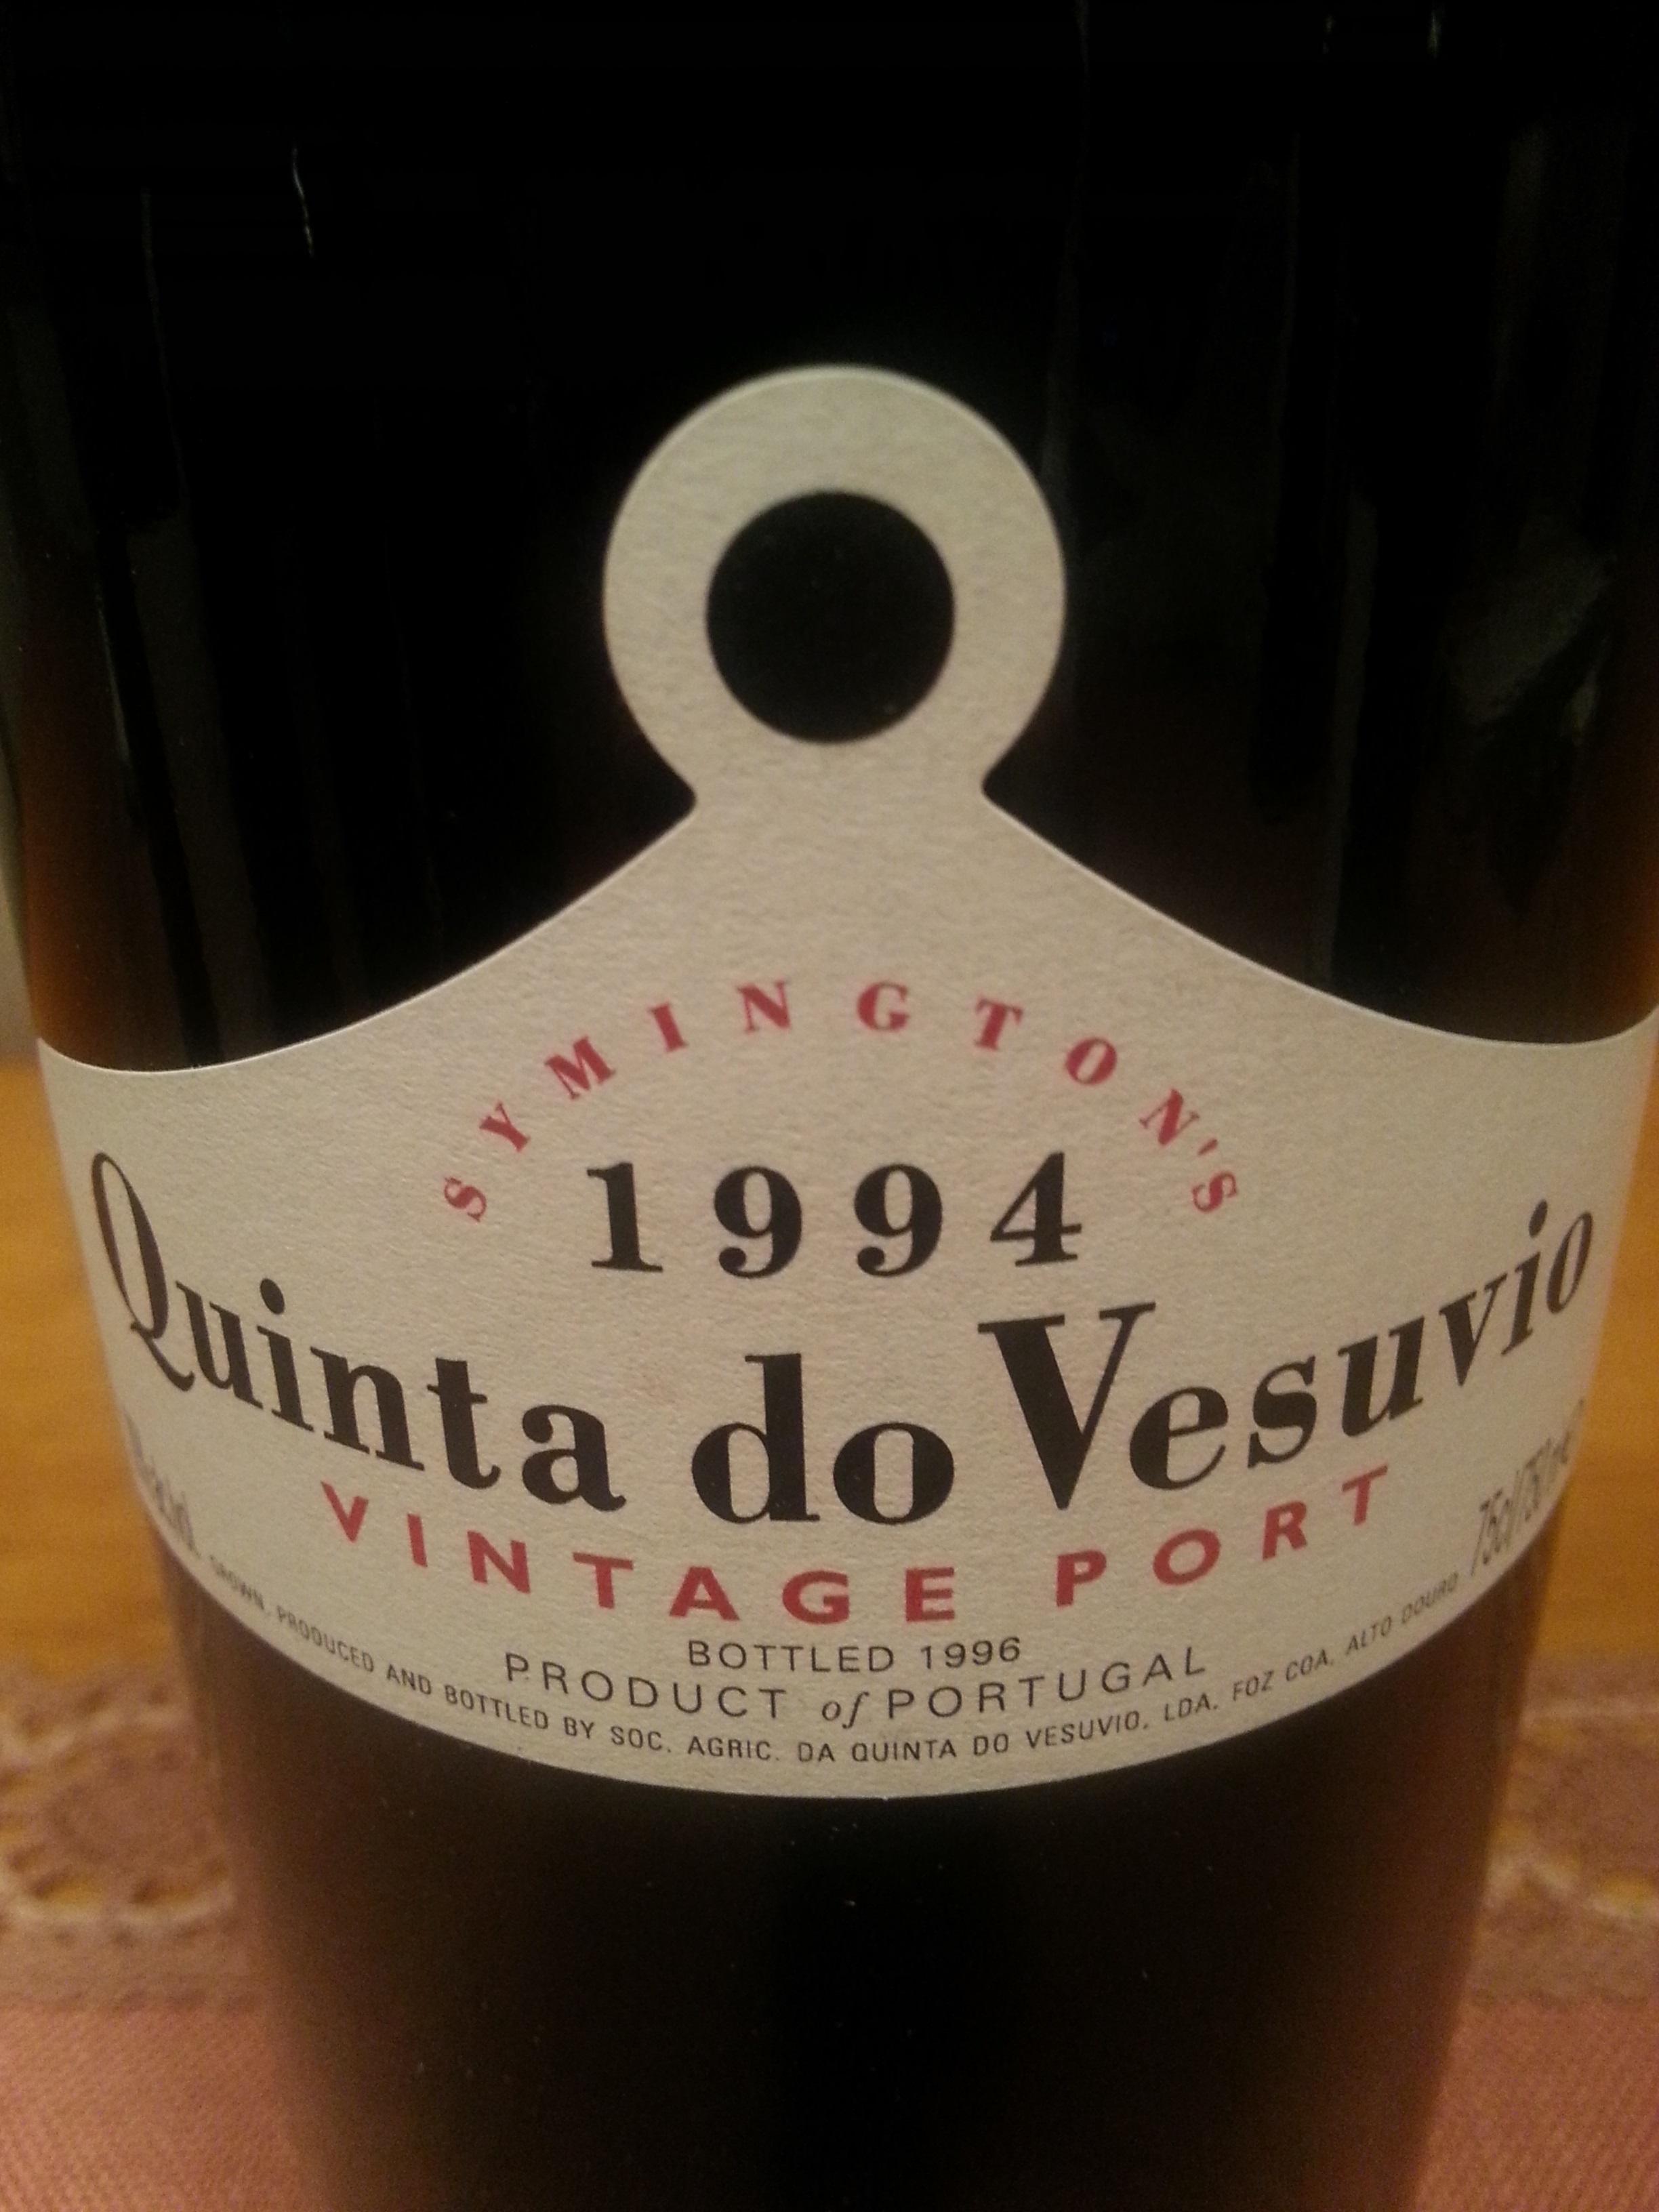 1994 Vintage Port | Quinta do Vesuvio